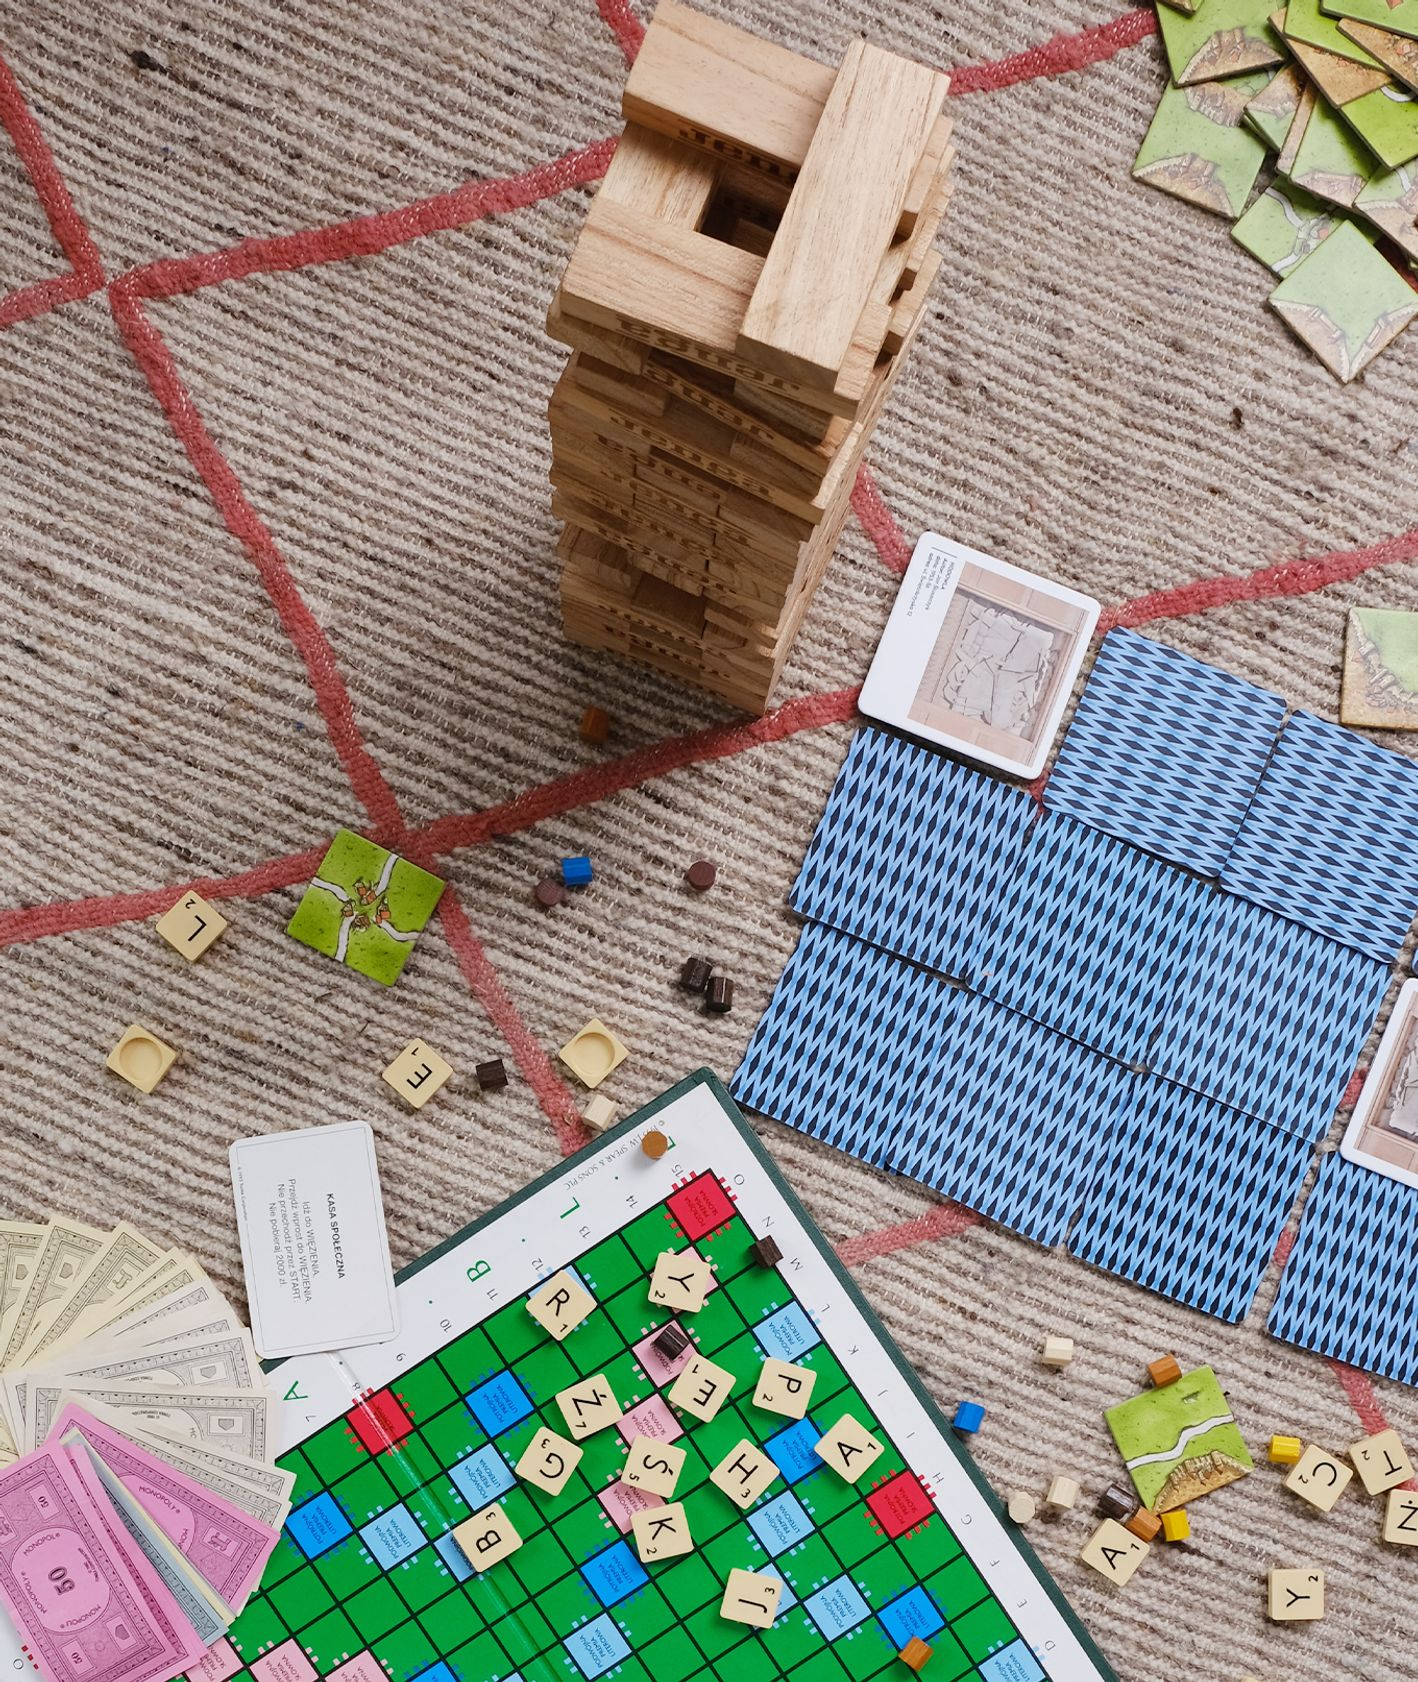 Podstawowe zasady gier planszowych dla dzieci i dorosłych (fot. Marcin Lewandowski)